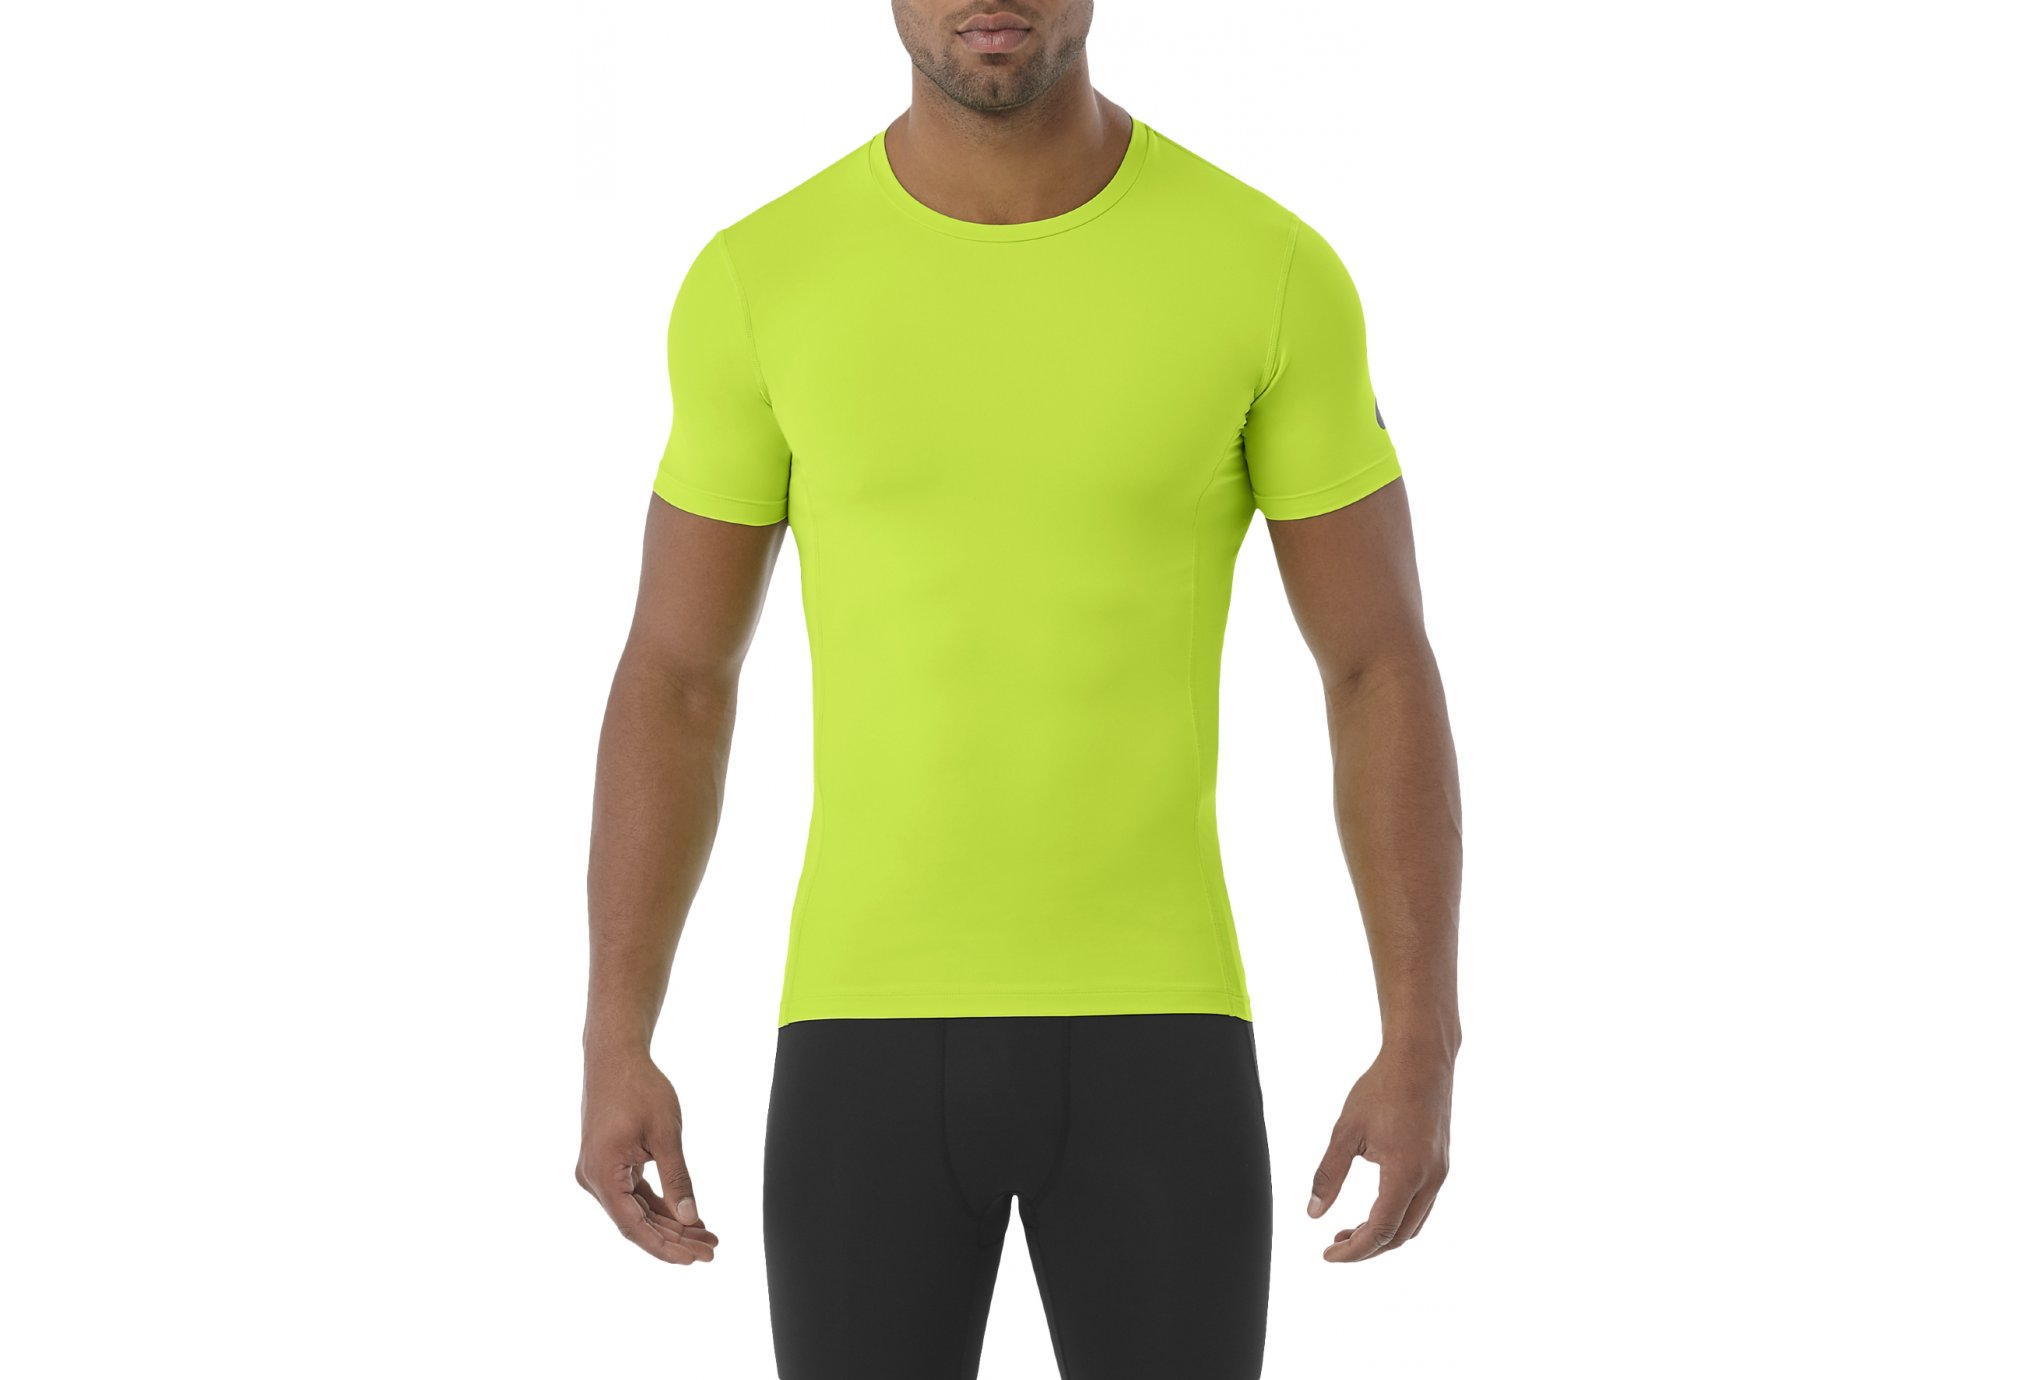 Asics Base top m diététique vêtements homme